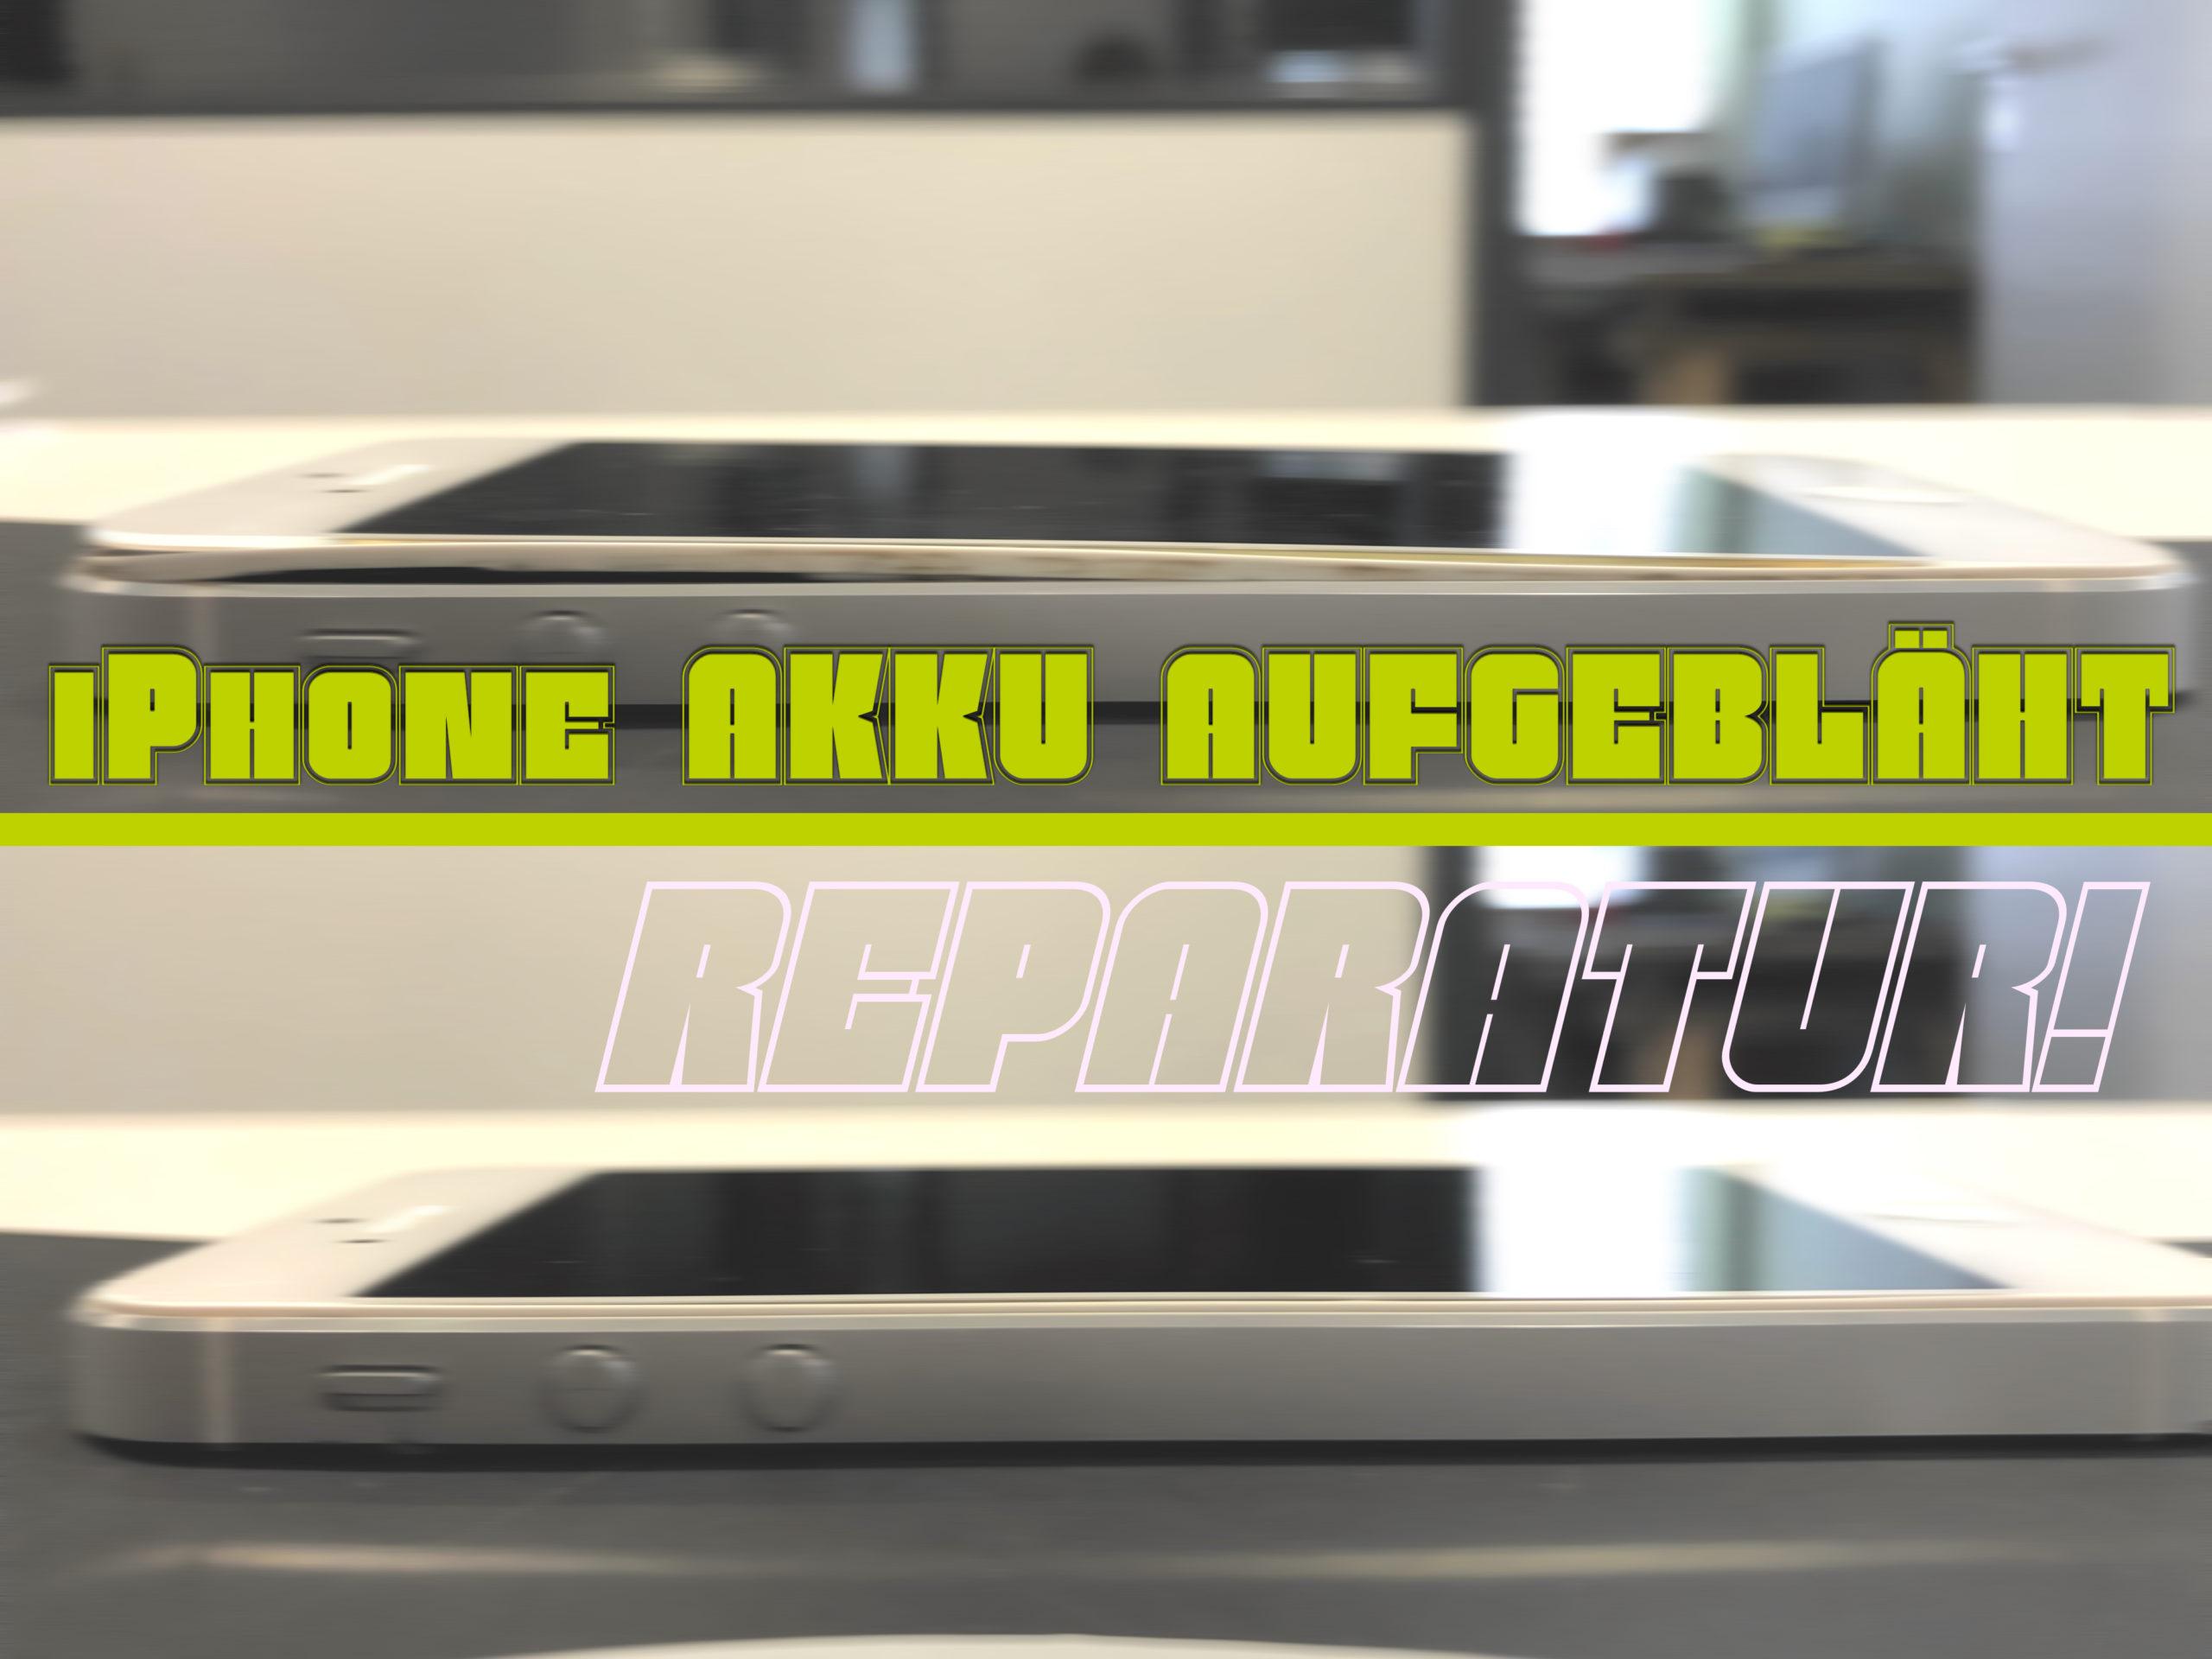 Aus der Werkstatt: iPhone Akku aufgebläht • Display wird raus gedrückt